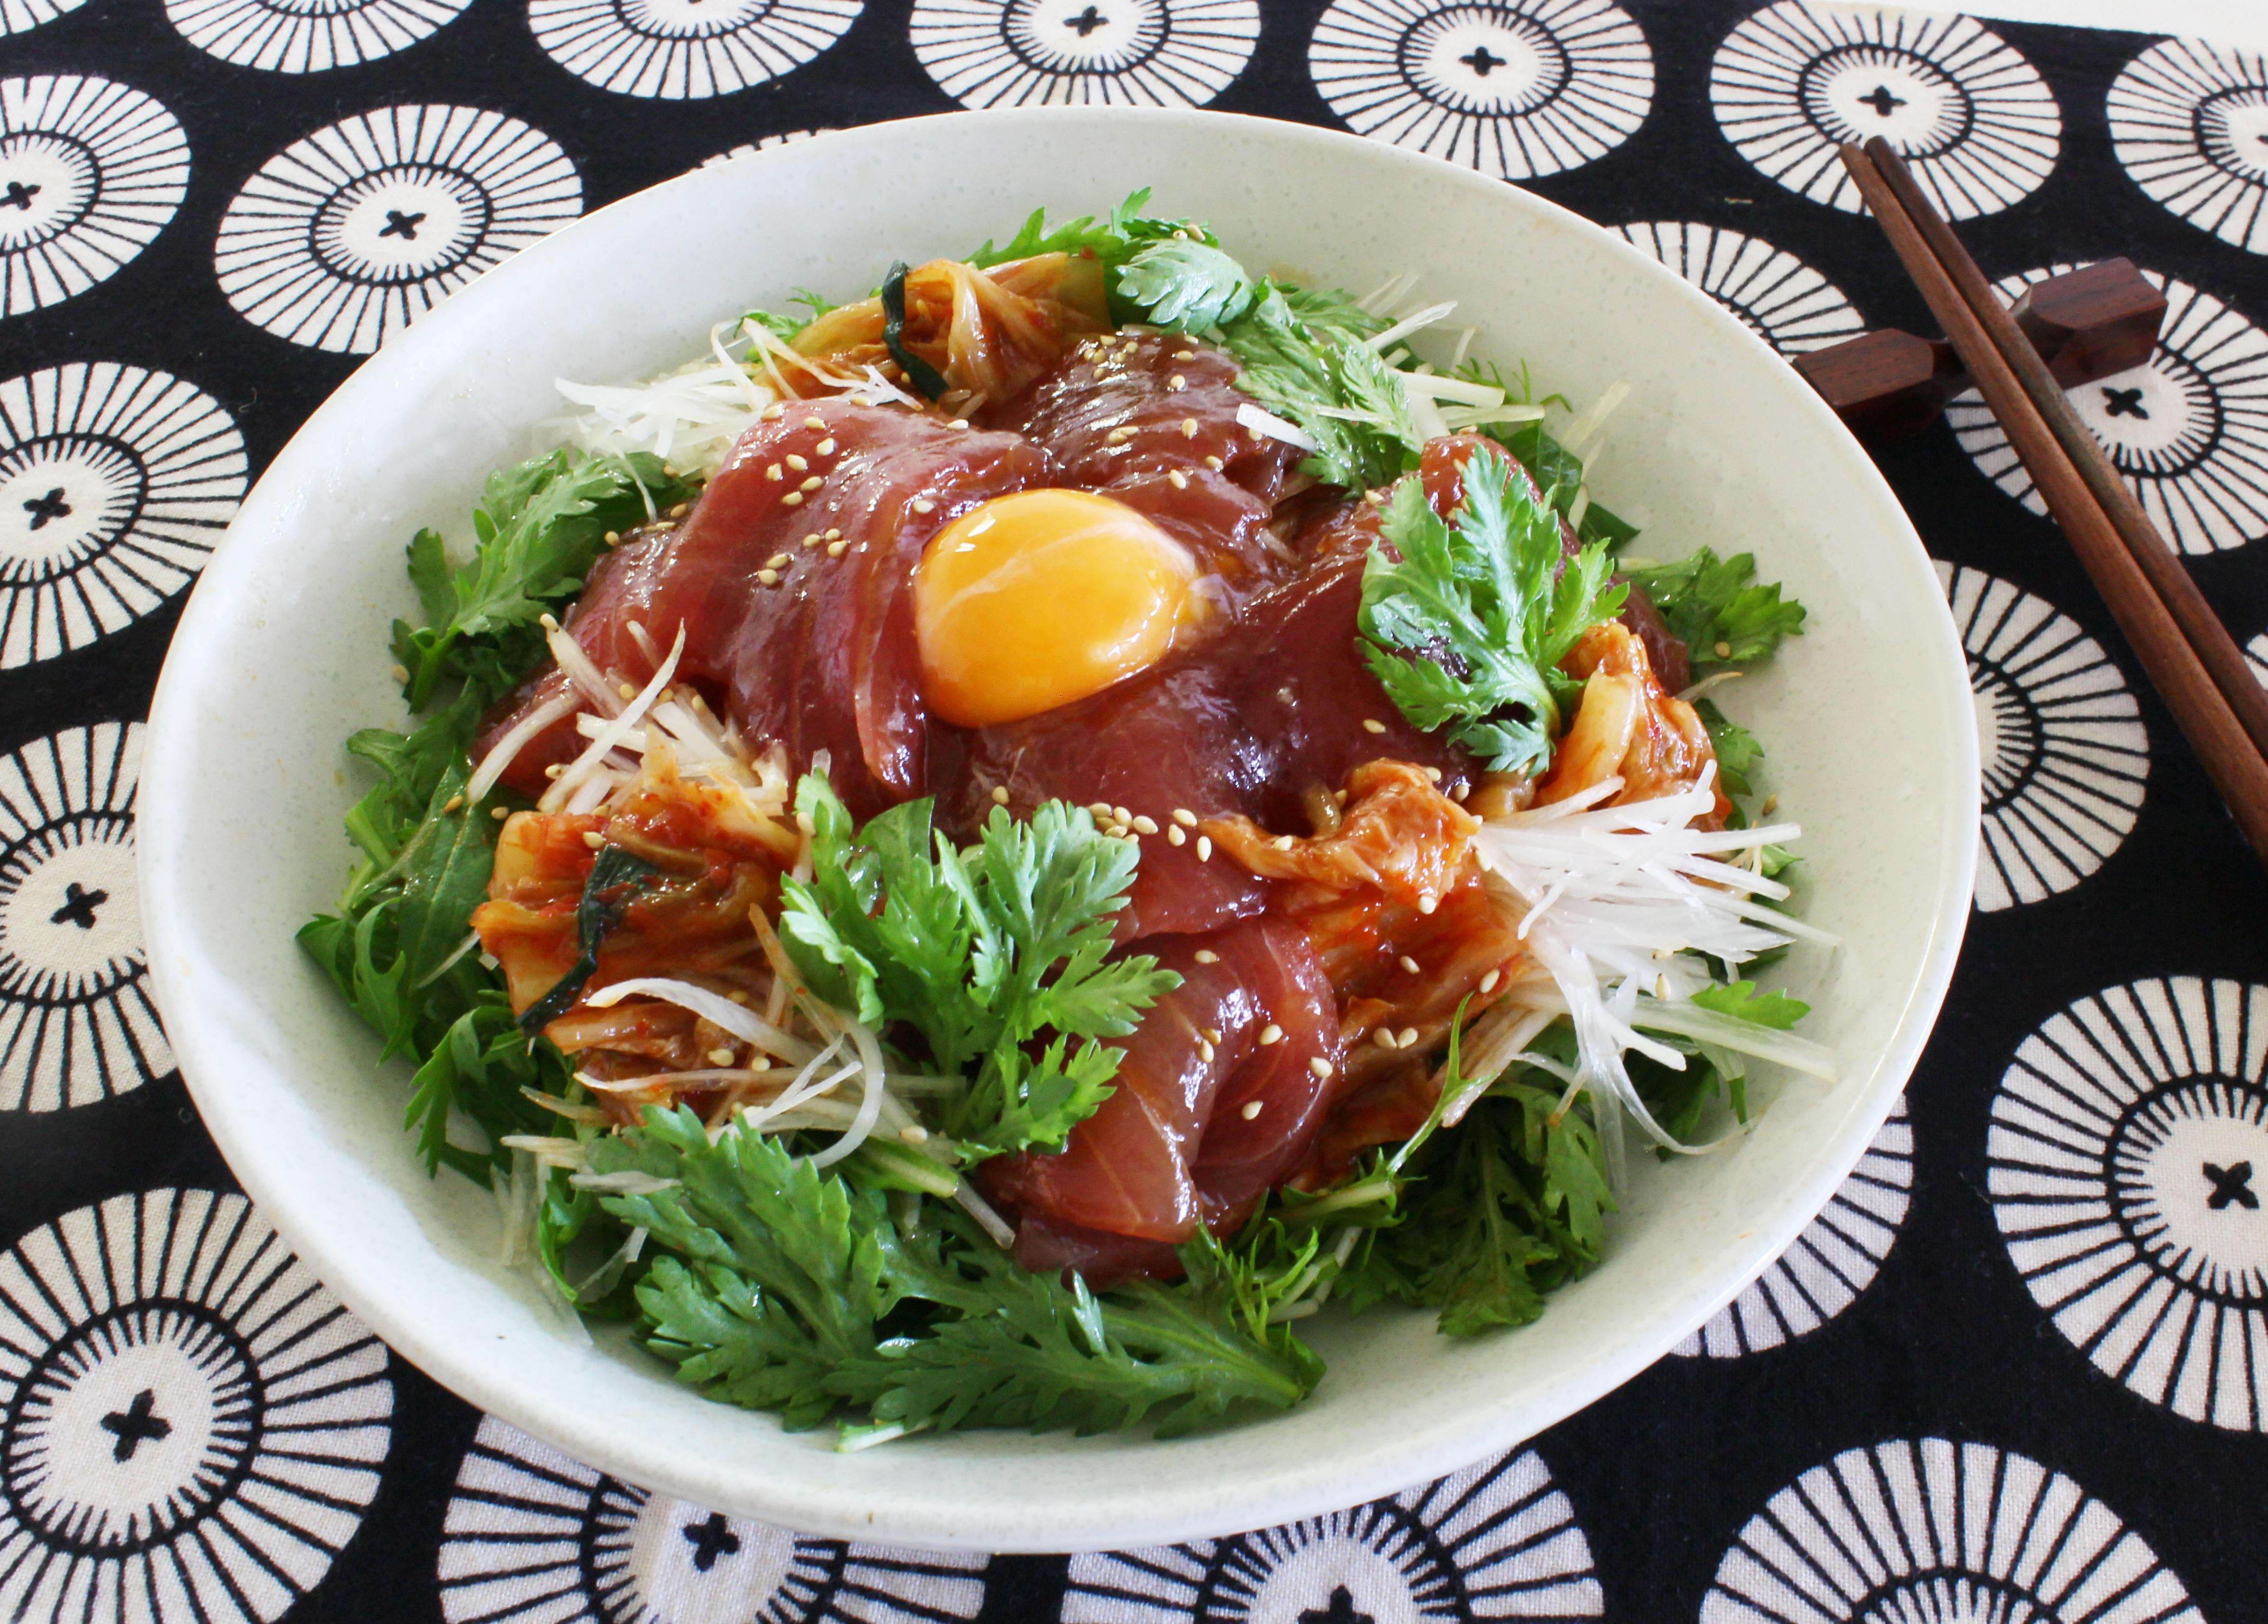 ピリ辛づけまぐろの韓国風サラダ